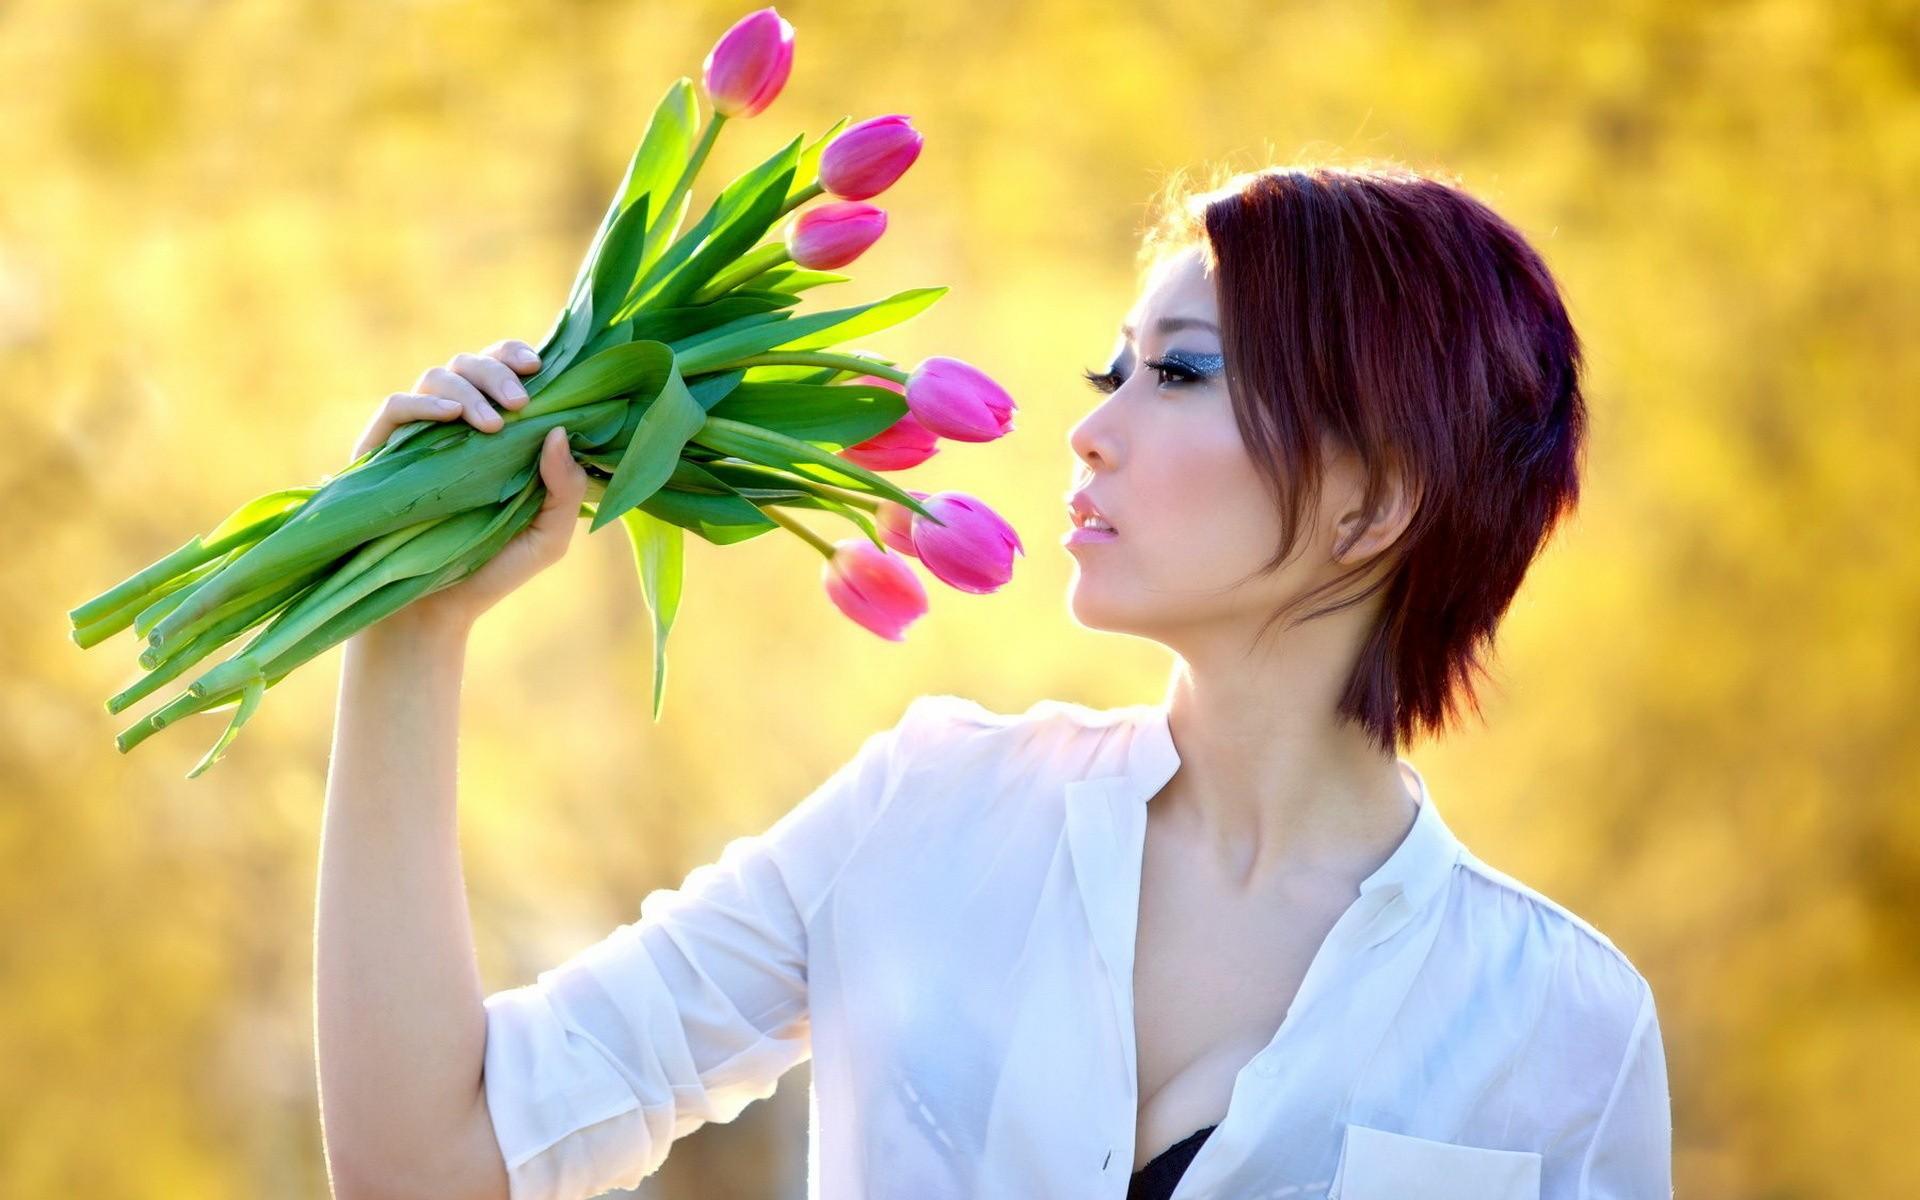 Una asiática y flores - 1920x1200